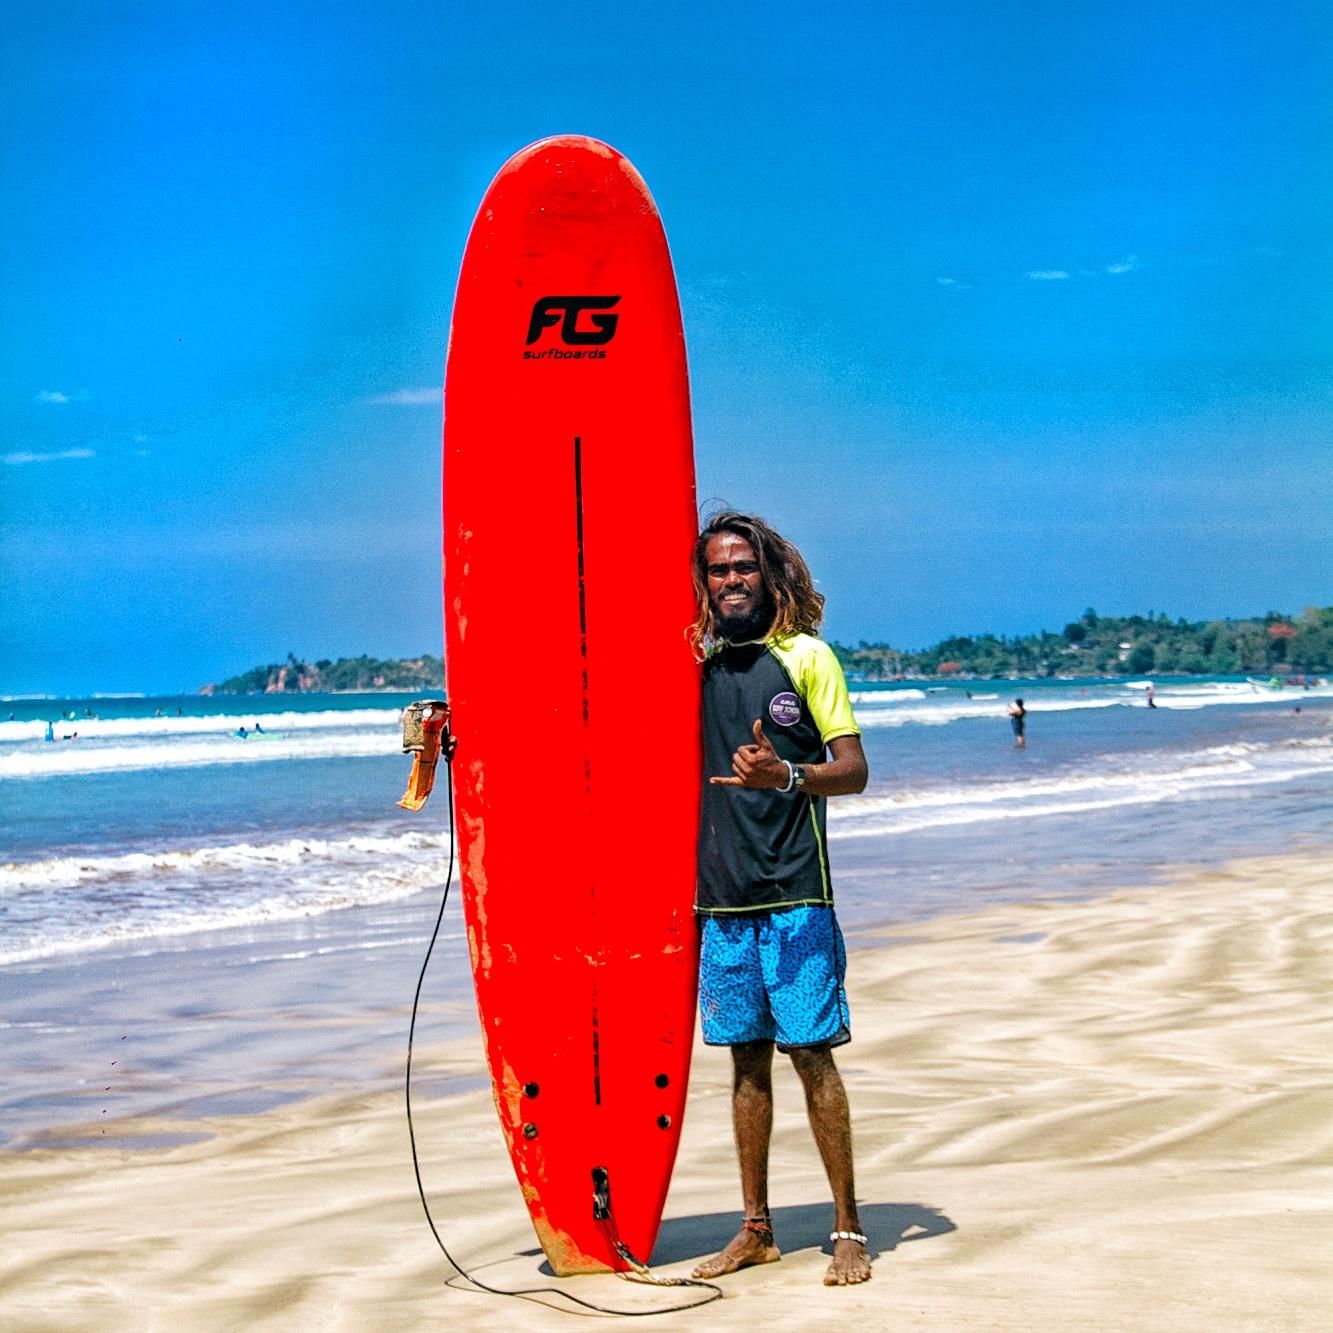 Longboard surfing Srilanka